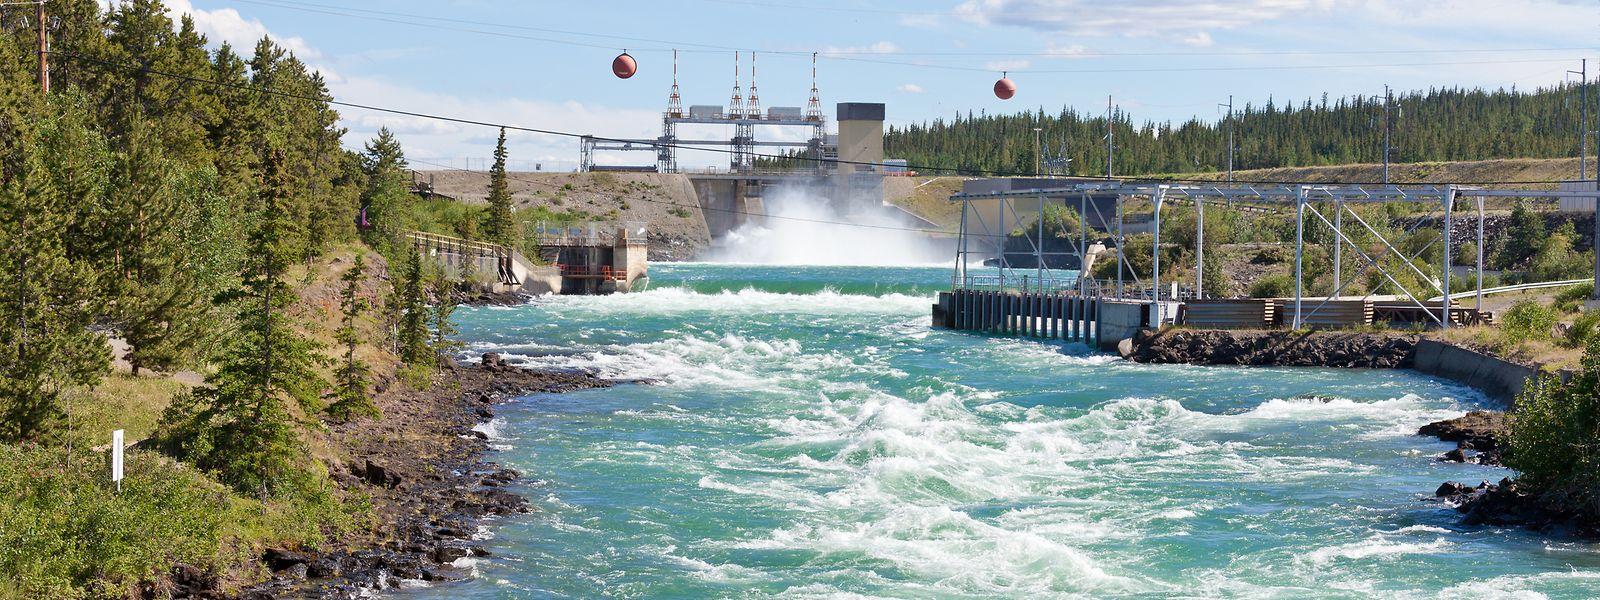 Die Fonds des ICFA haben unterschiedliche Geschäftsmodelle: von Fonds für Anpassungen an den Klimawandel bis zu Investitionen in Wasserkraftwerke.